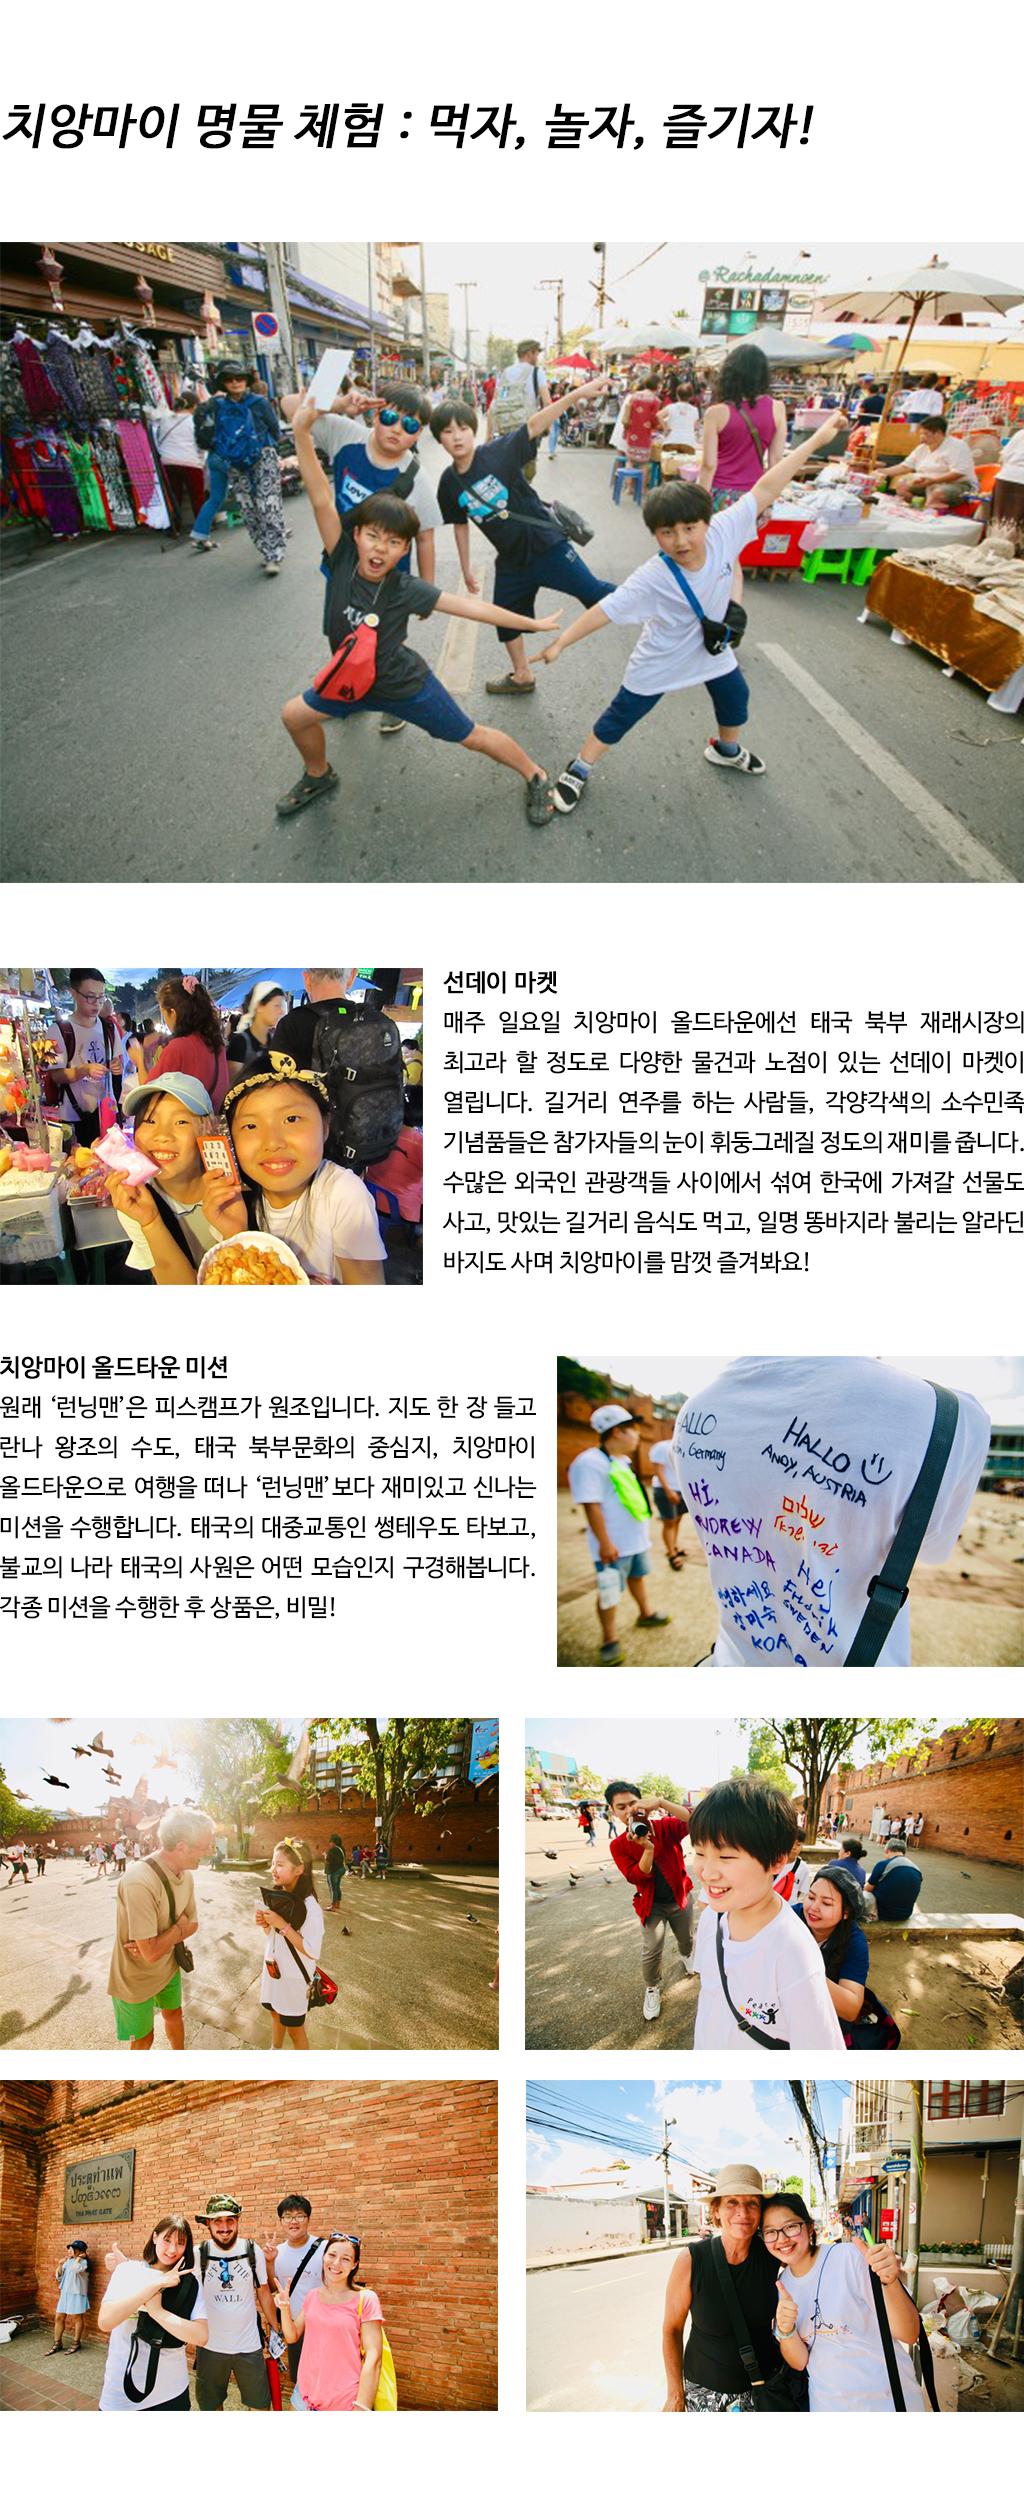 방학캠프 상세안내 #5 치앙마이 명물체험.jpg